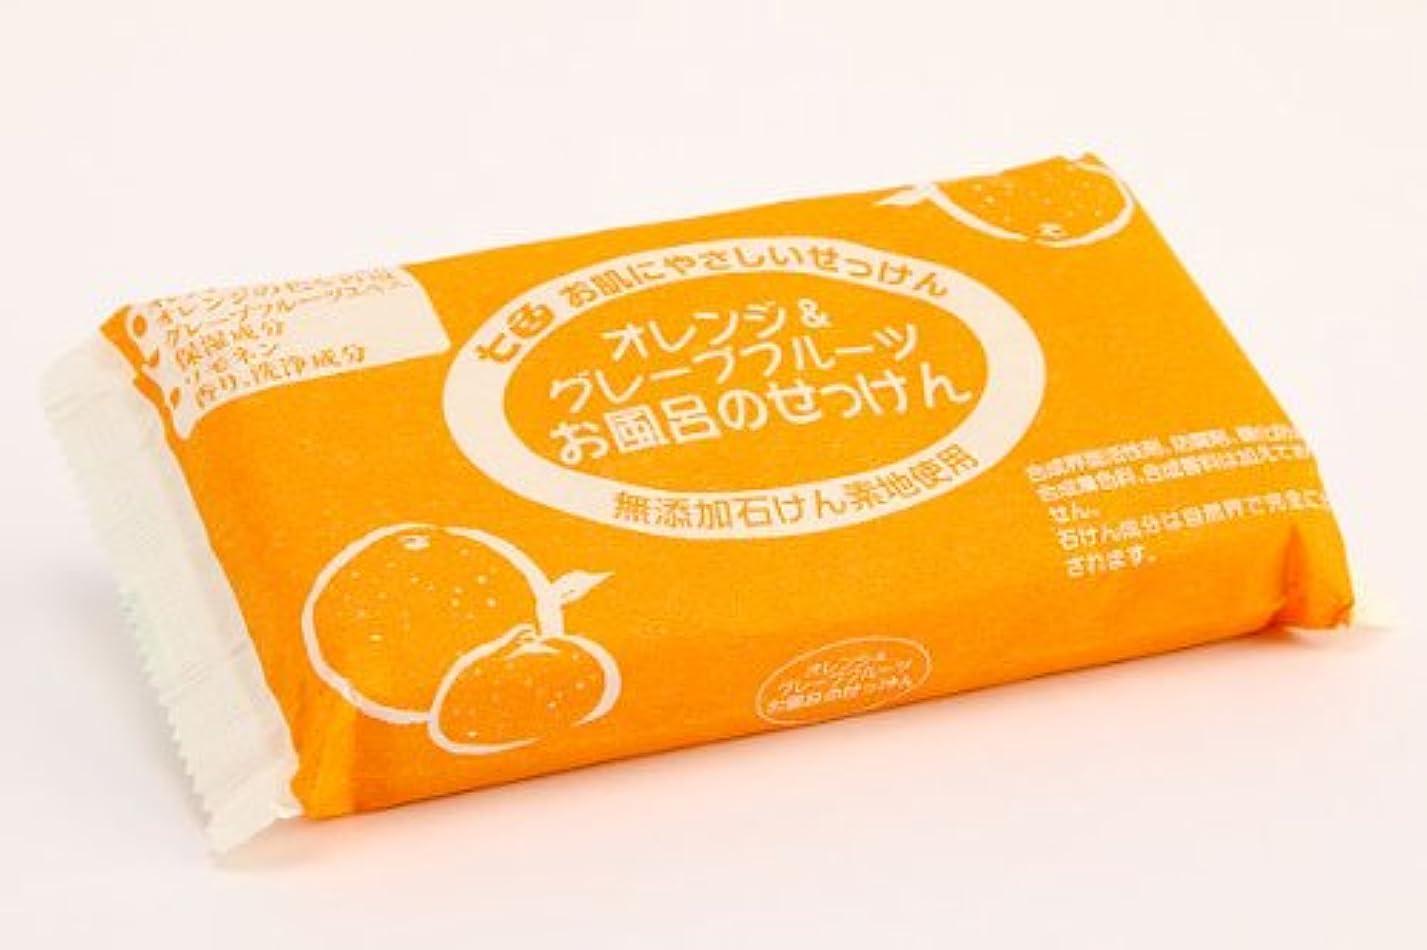 エンジニアリングマダムサミットまるは油脂化学 七色石けん オレンジ&グレープフルーツお風呂の石けん3P 100g×3個パック×40